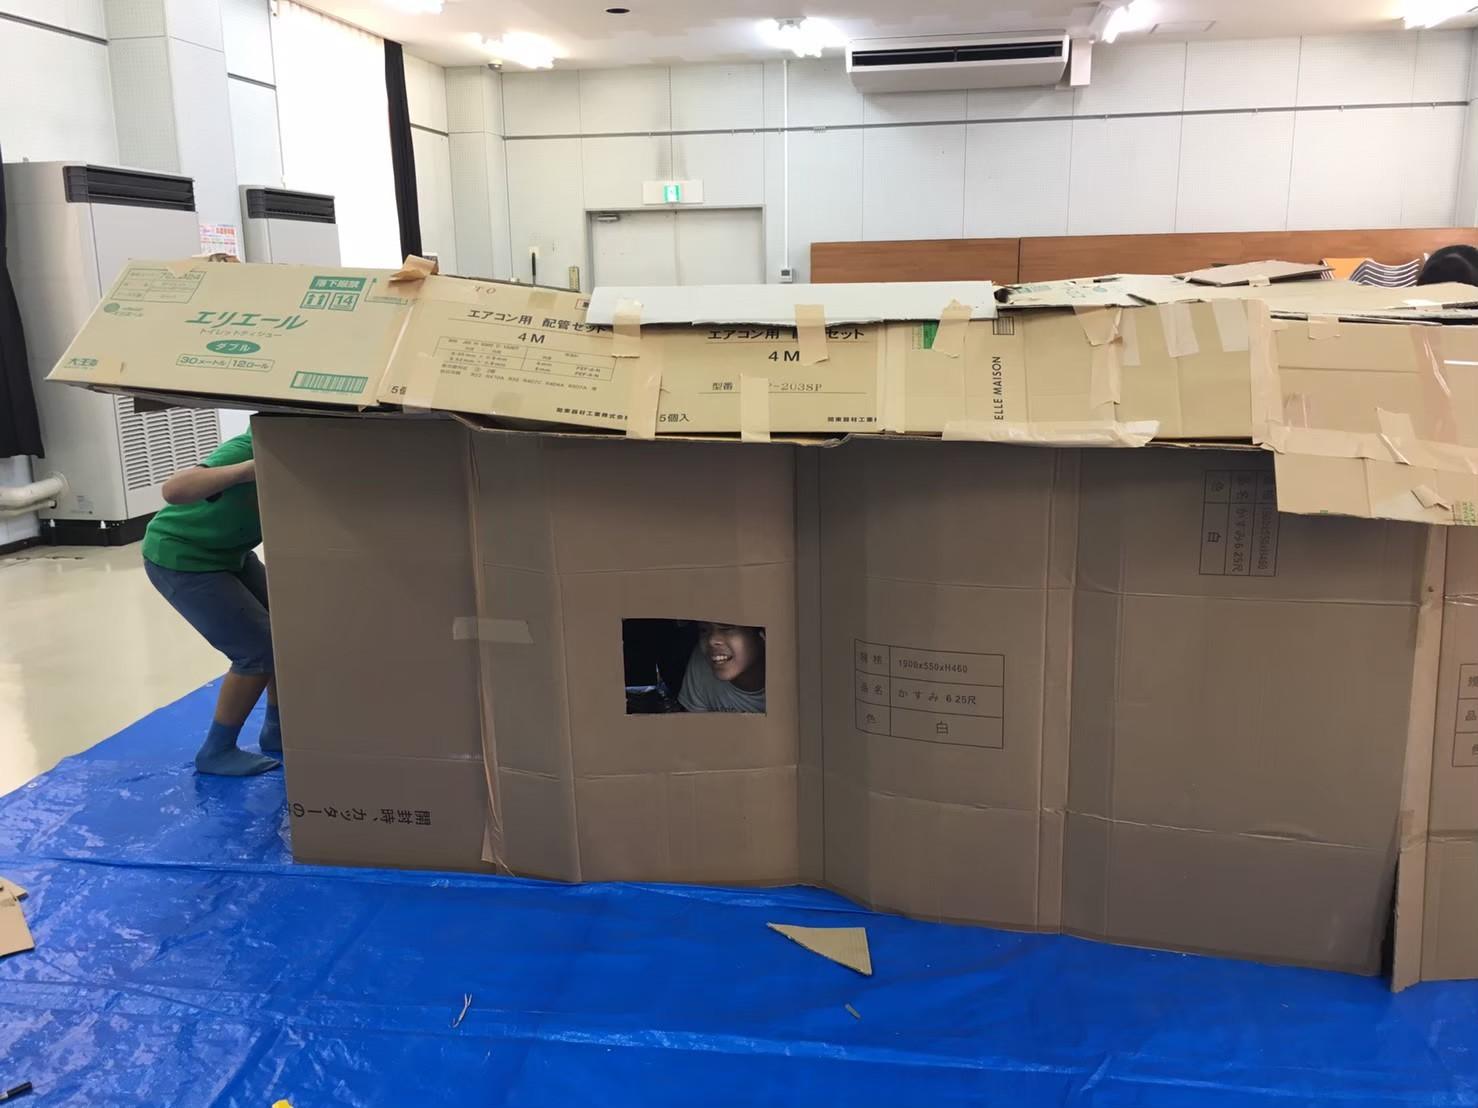 2019/9/8 ダンボールハウス作り_e0123469_23200720.jpg